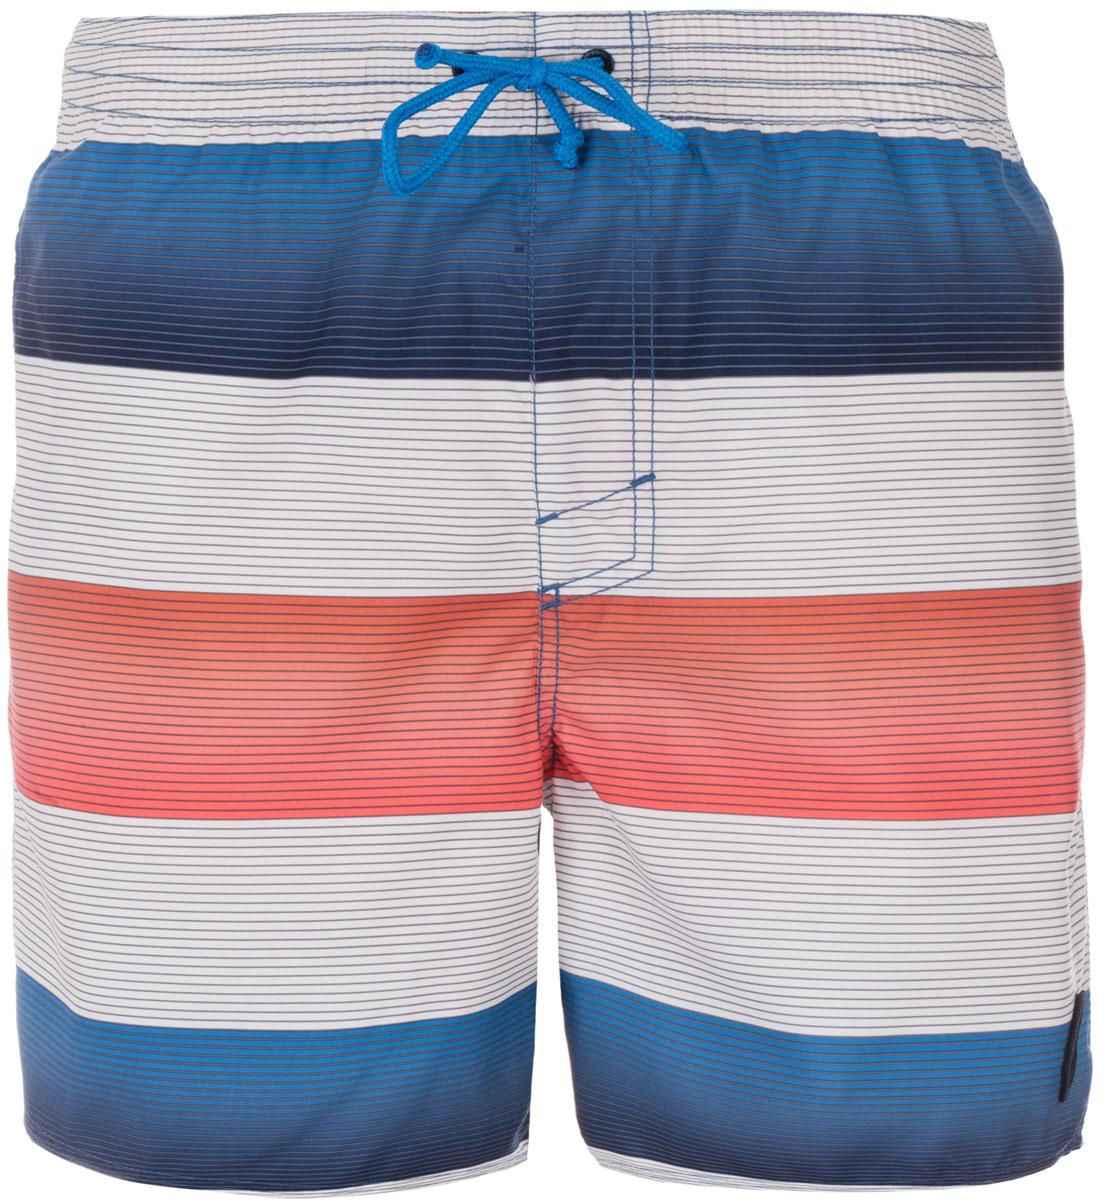 Шорты пляжные мужские ONeill Pm Santa Cruz Stripe Shorts, цвет: белый, оранжевый, синий. 7A3674-1900. Размер M (48/50)7A3674-1900Мужские пляжные шорты ONeill выполнены из 100% полиэстера. Технология Hyperdry надежно защищает от влаги, пропускает воздух и позволяет ткани быстро сохнуть. Пояс снабжен эластичной резинкой с затягивающимся шнурком для комфортной посадки. Изделие декорировано принтом в виде полосок.